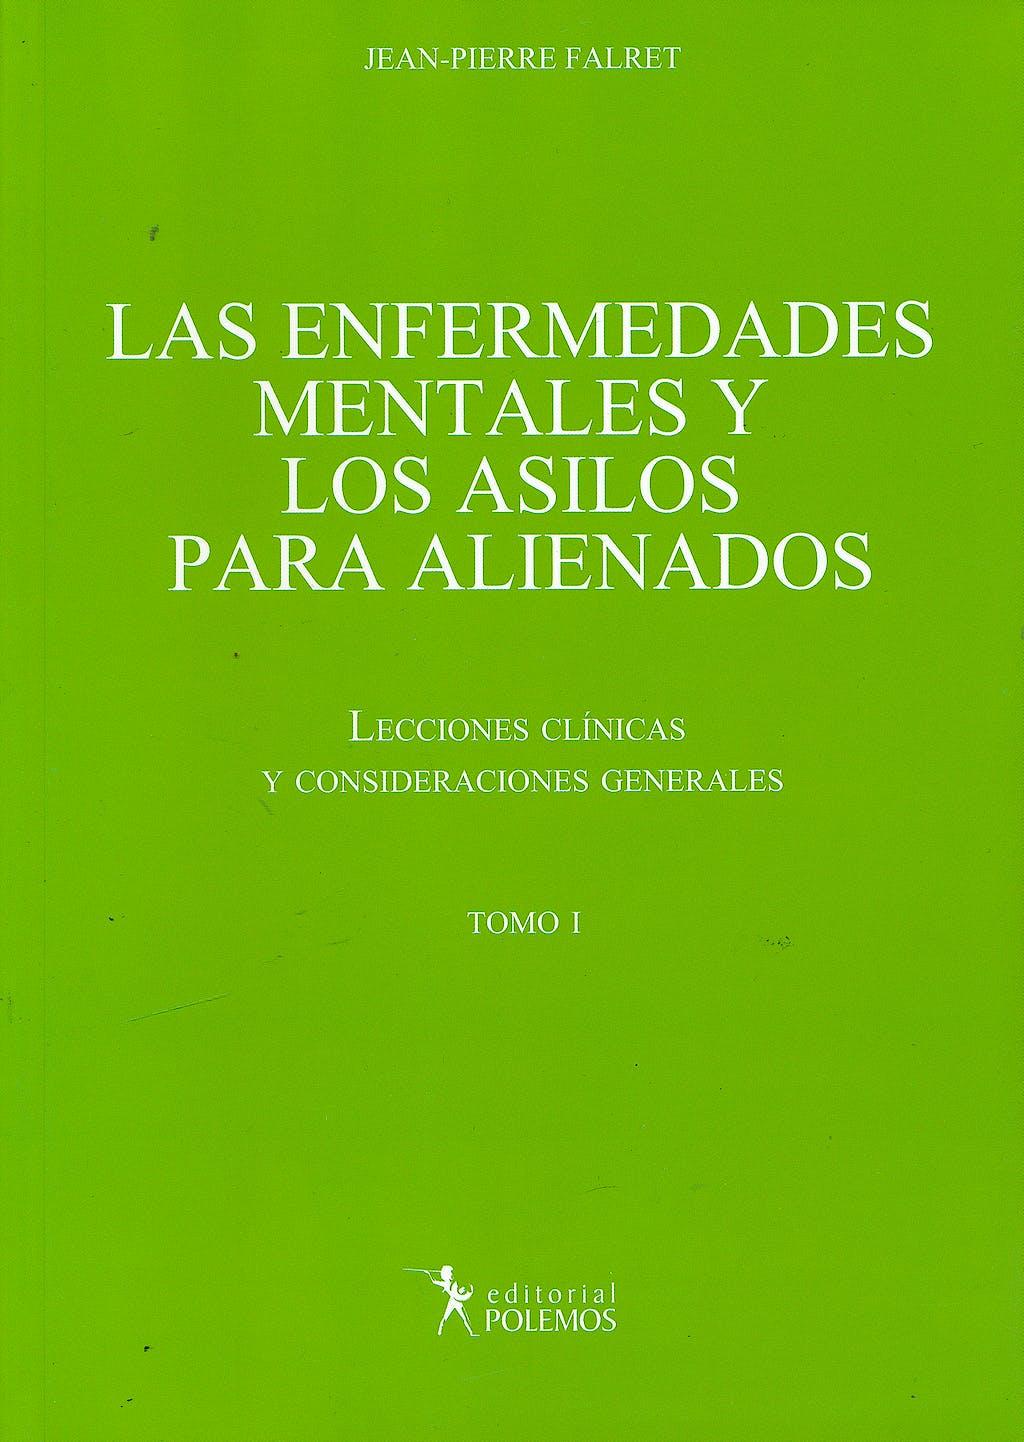 Portada del libro 9789876490771 Las Enfermedades Mentales y los Asilos para Alienados. Lecciones Clínicas y Consideraciones Generales, Tomo I